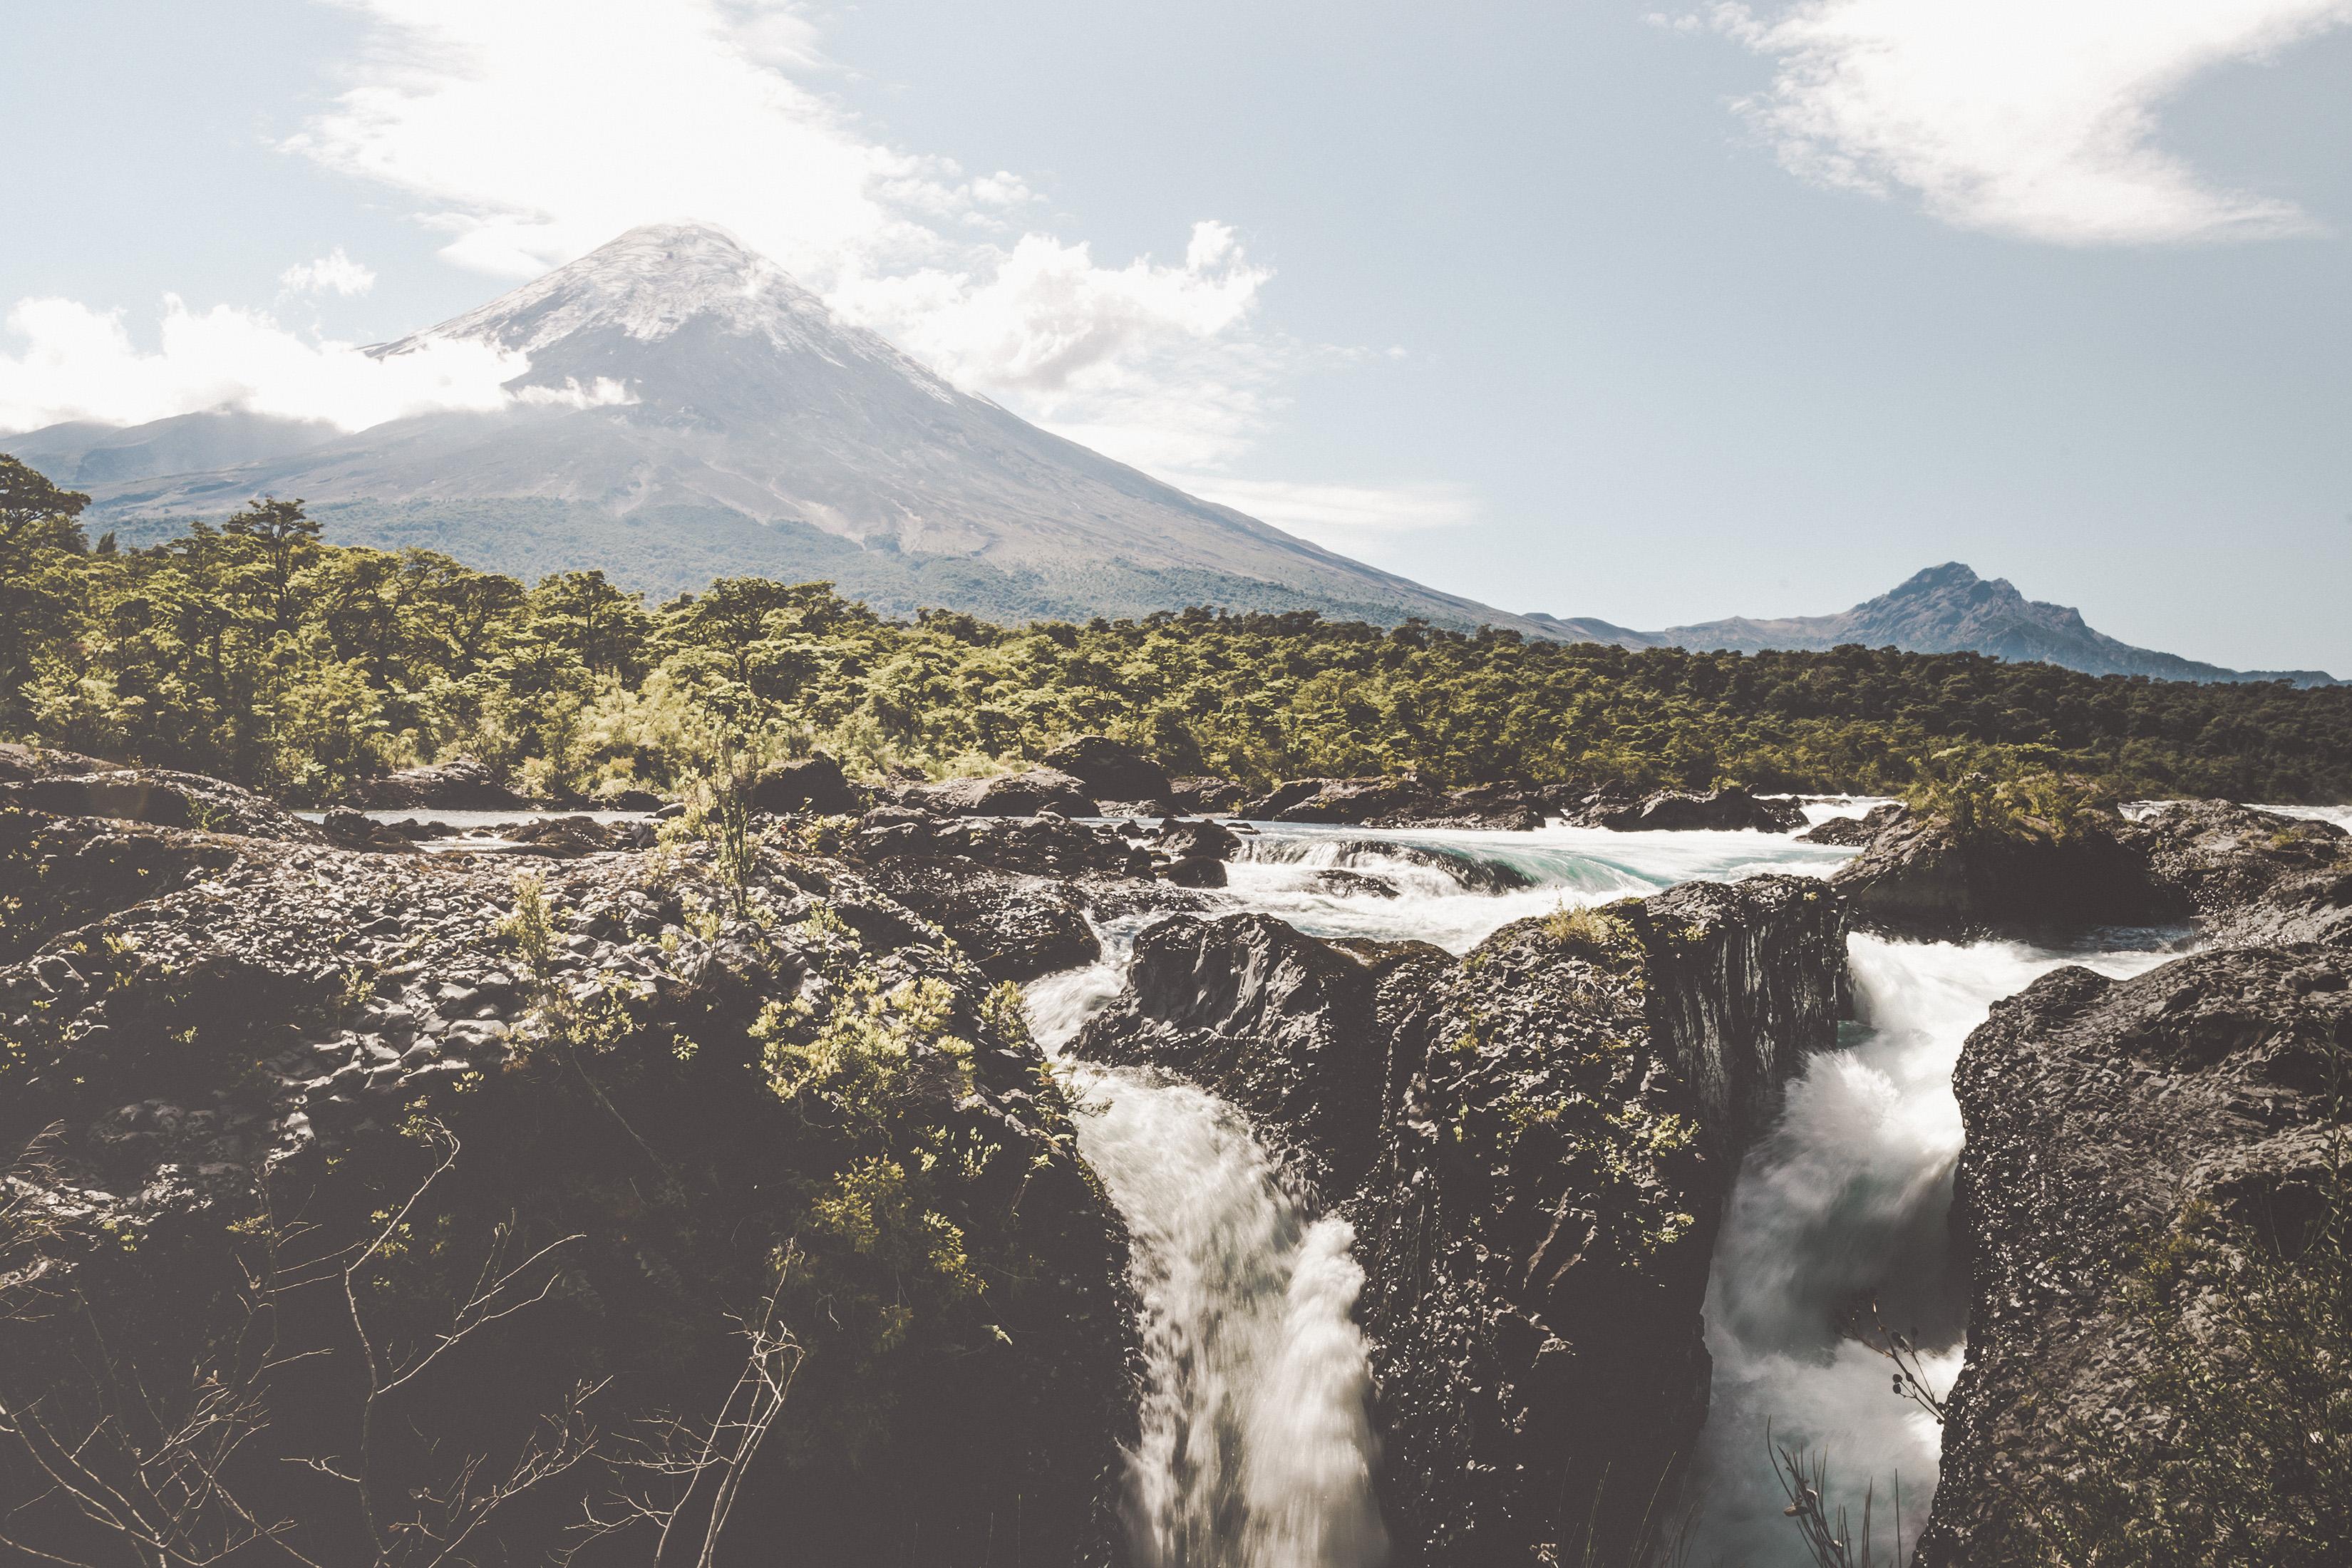 WaterfallPetrohuheVulcanoOsorno